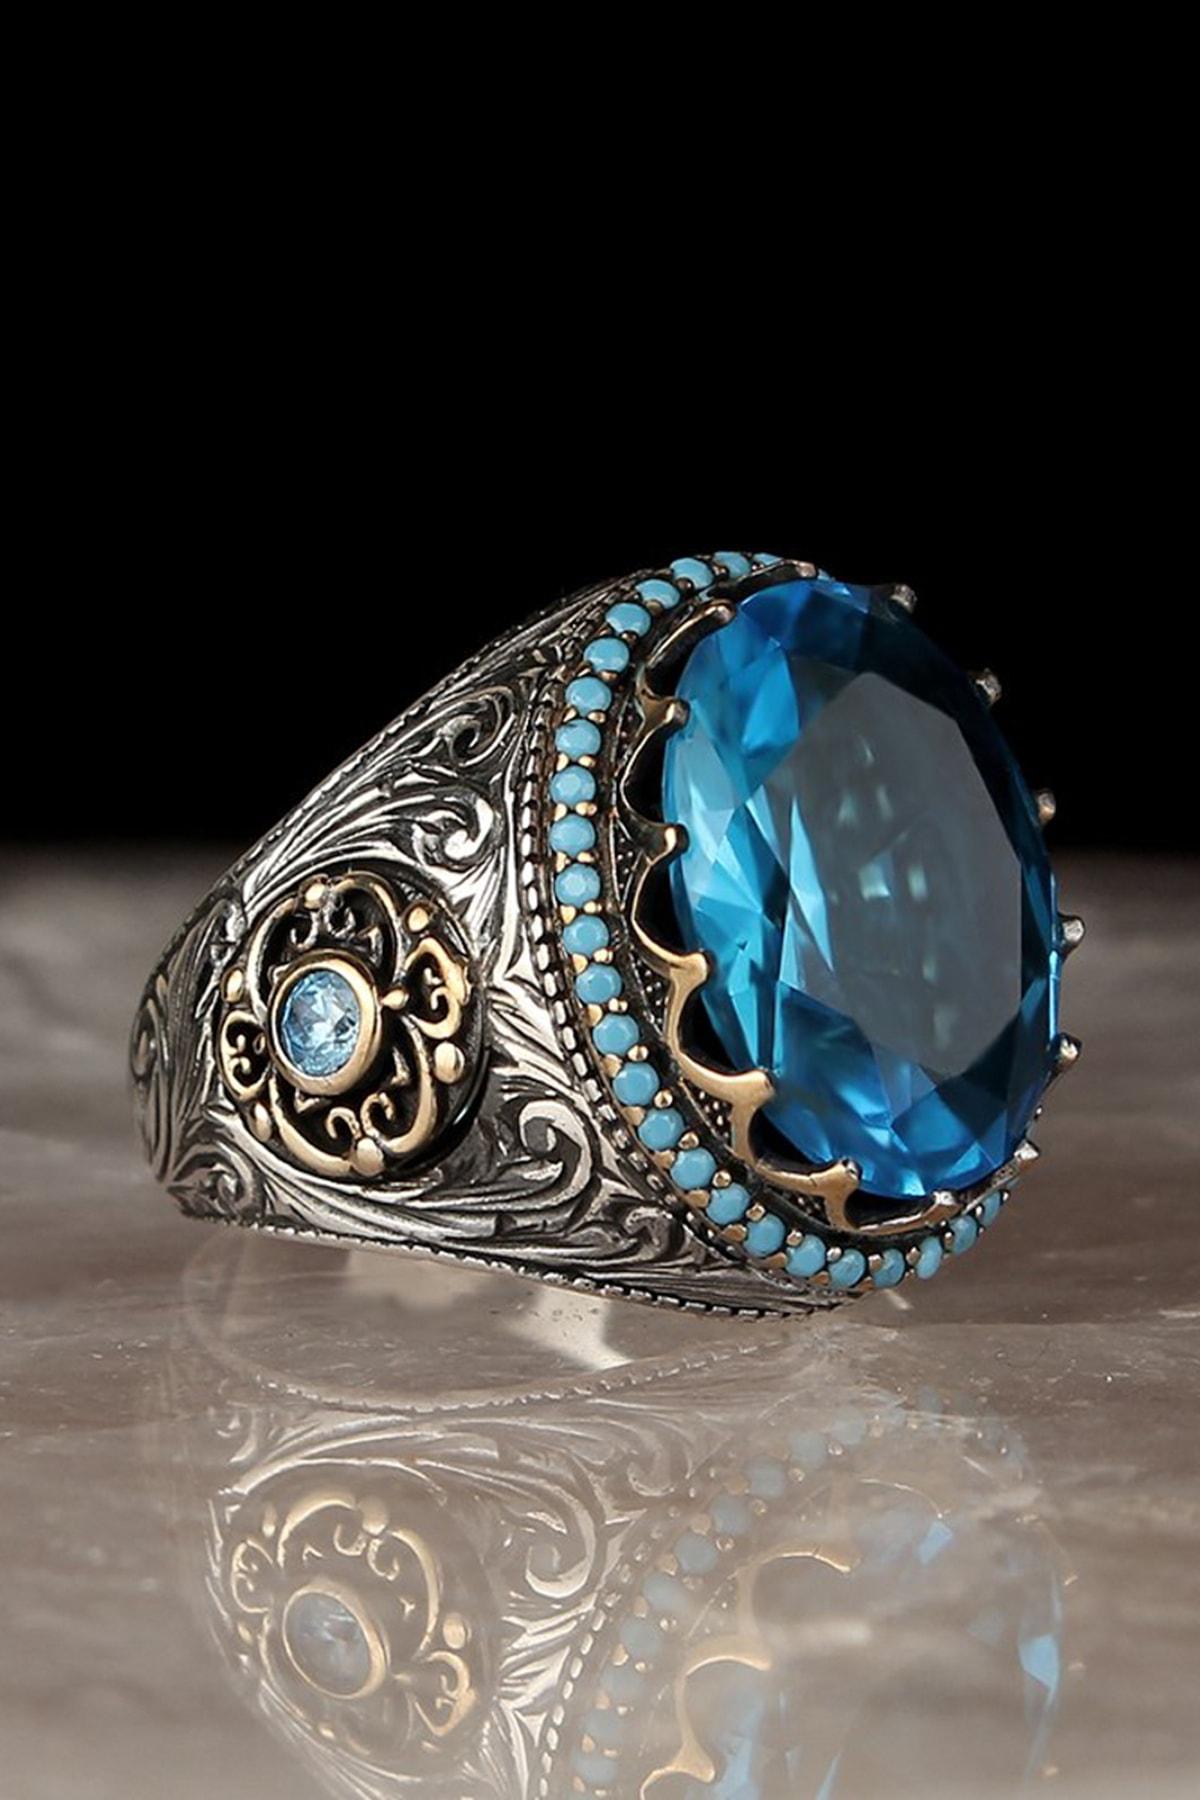 Blue Topaz Taşlı 925 Ayar Gümüş Yüzük